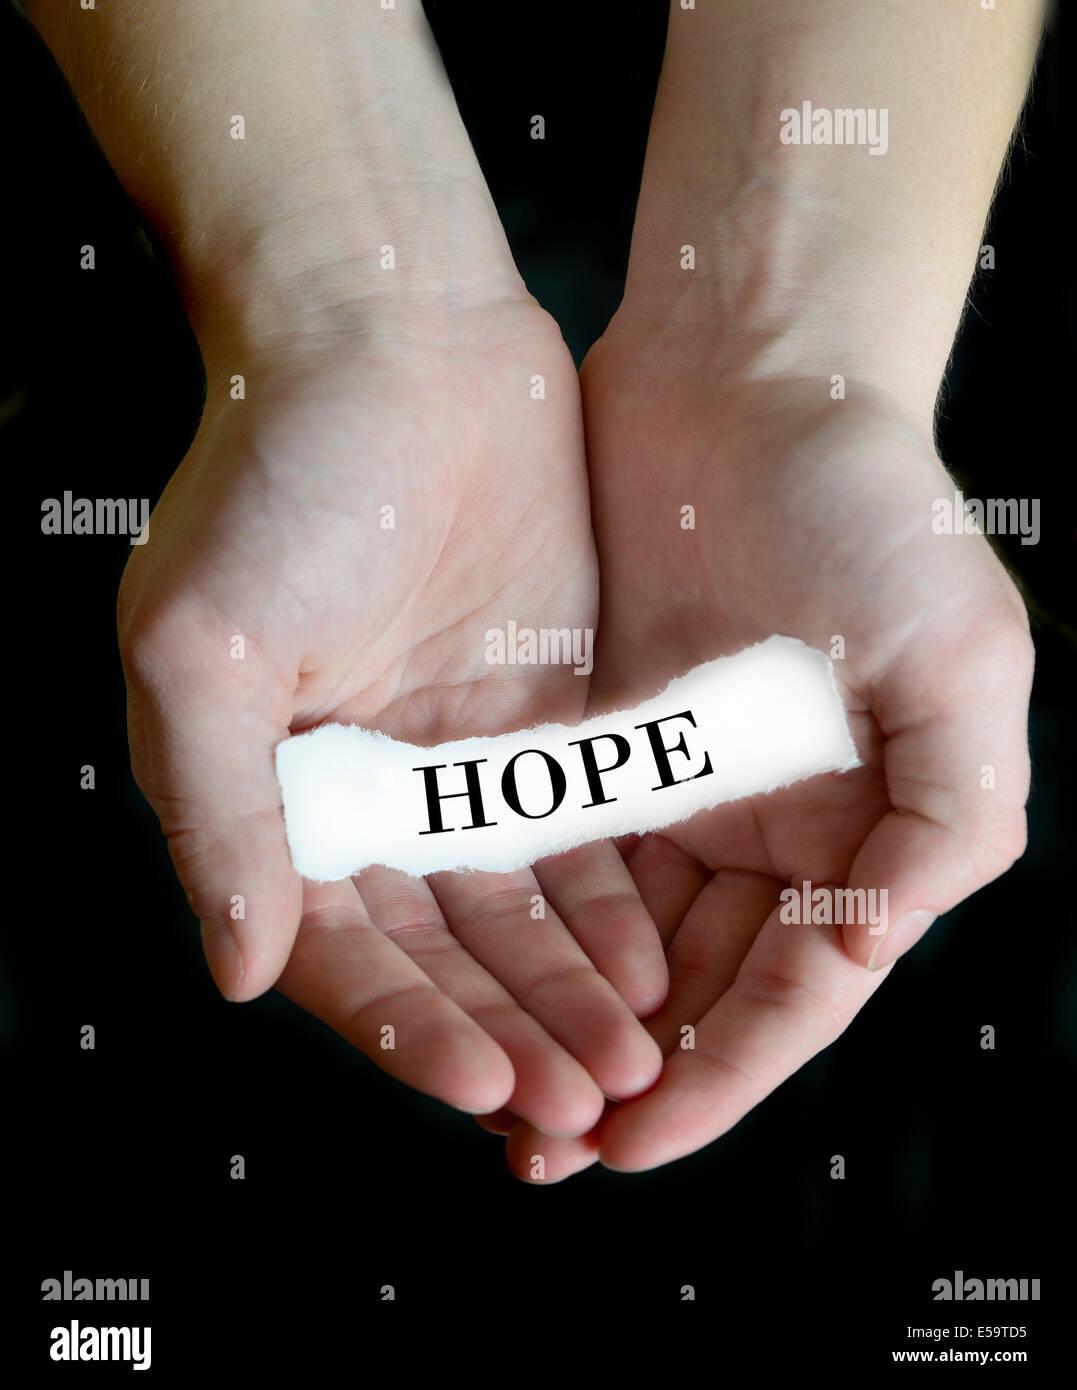 Persona mani carta cupping messaggio di speranza Immagini Stock